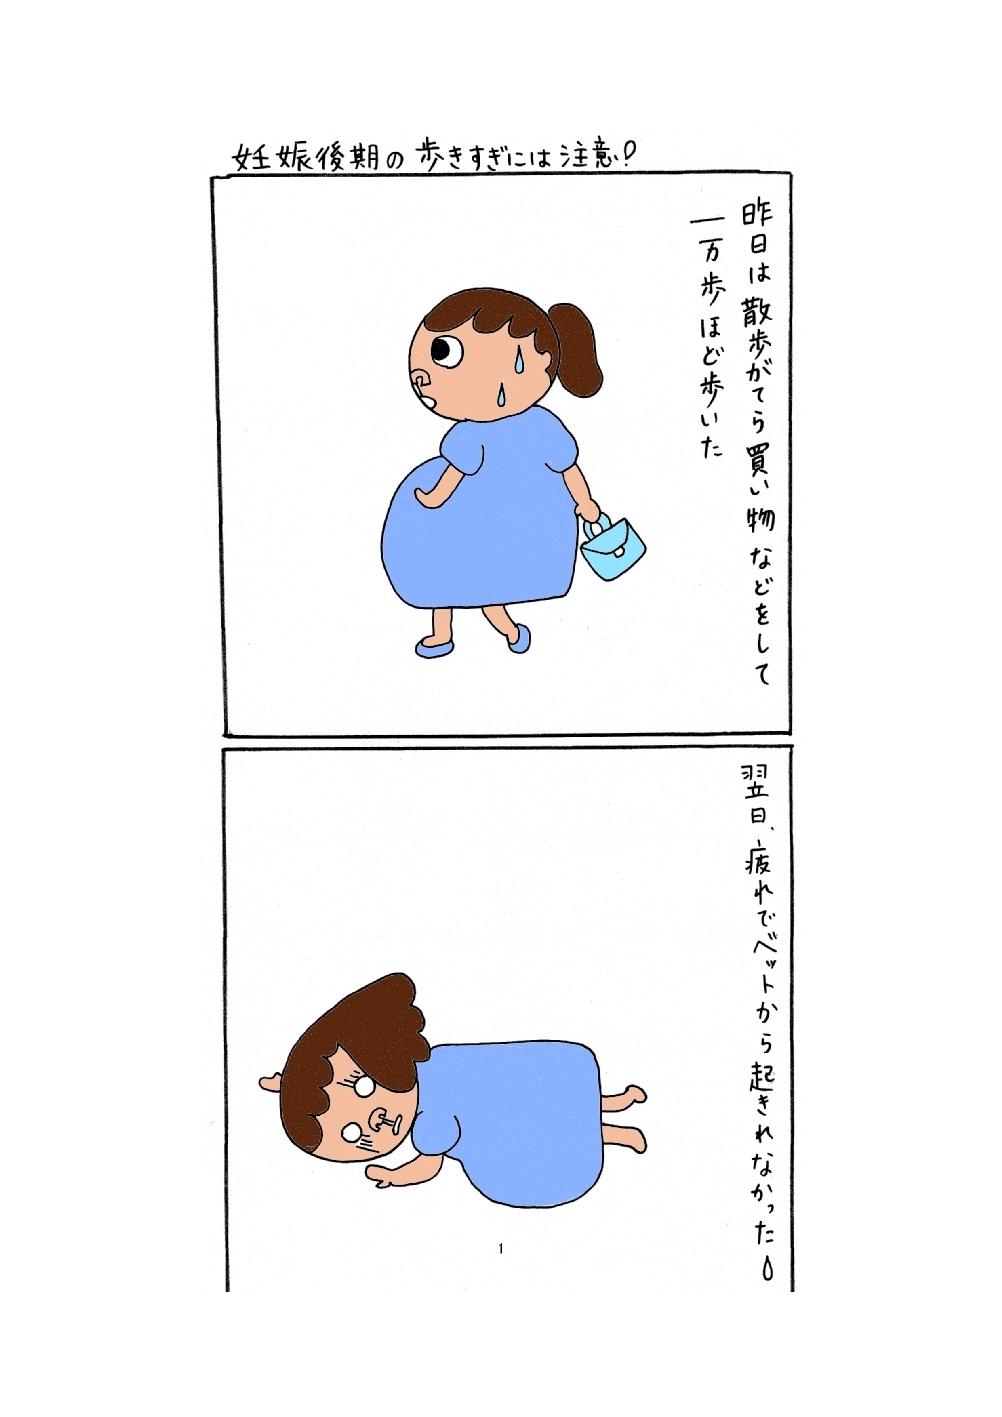 歩きすぎ.jpg